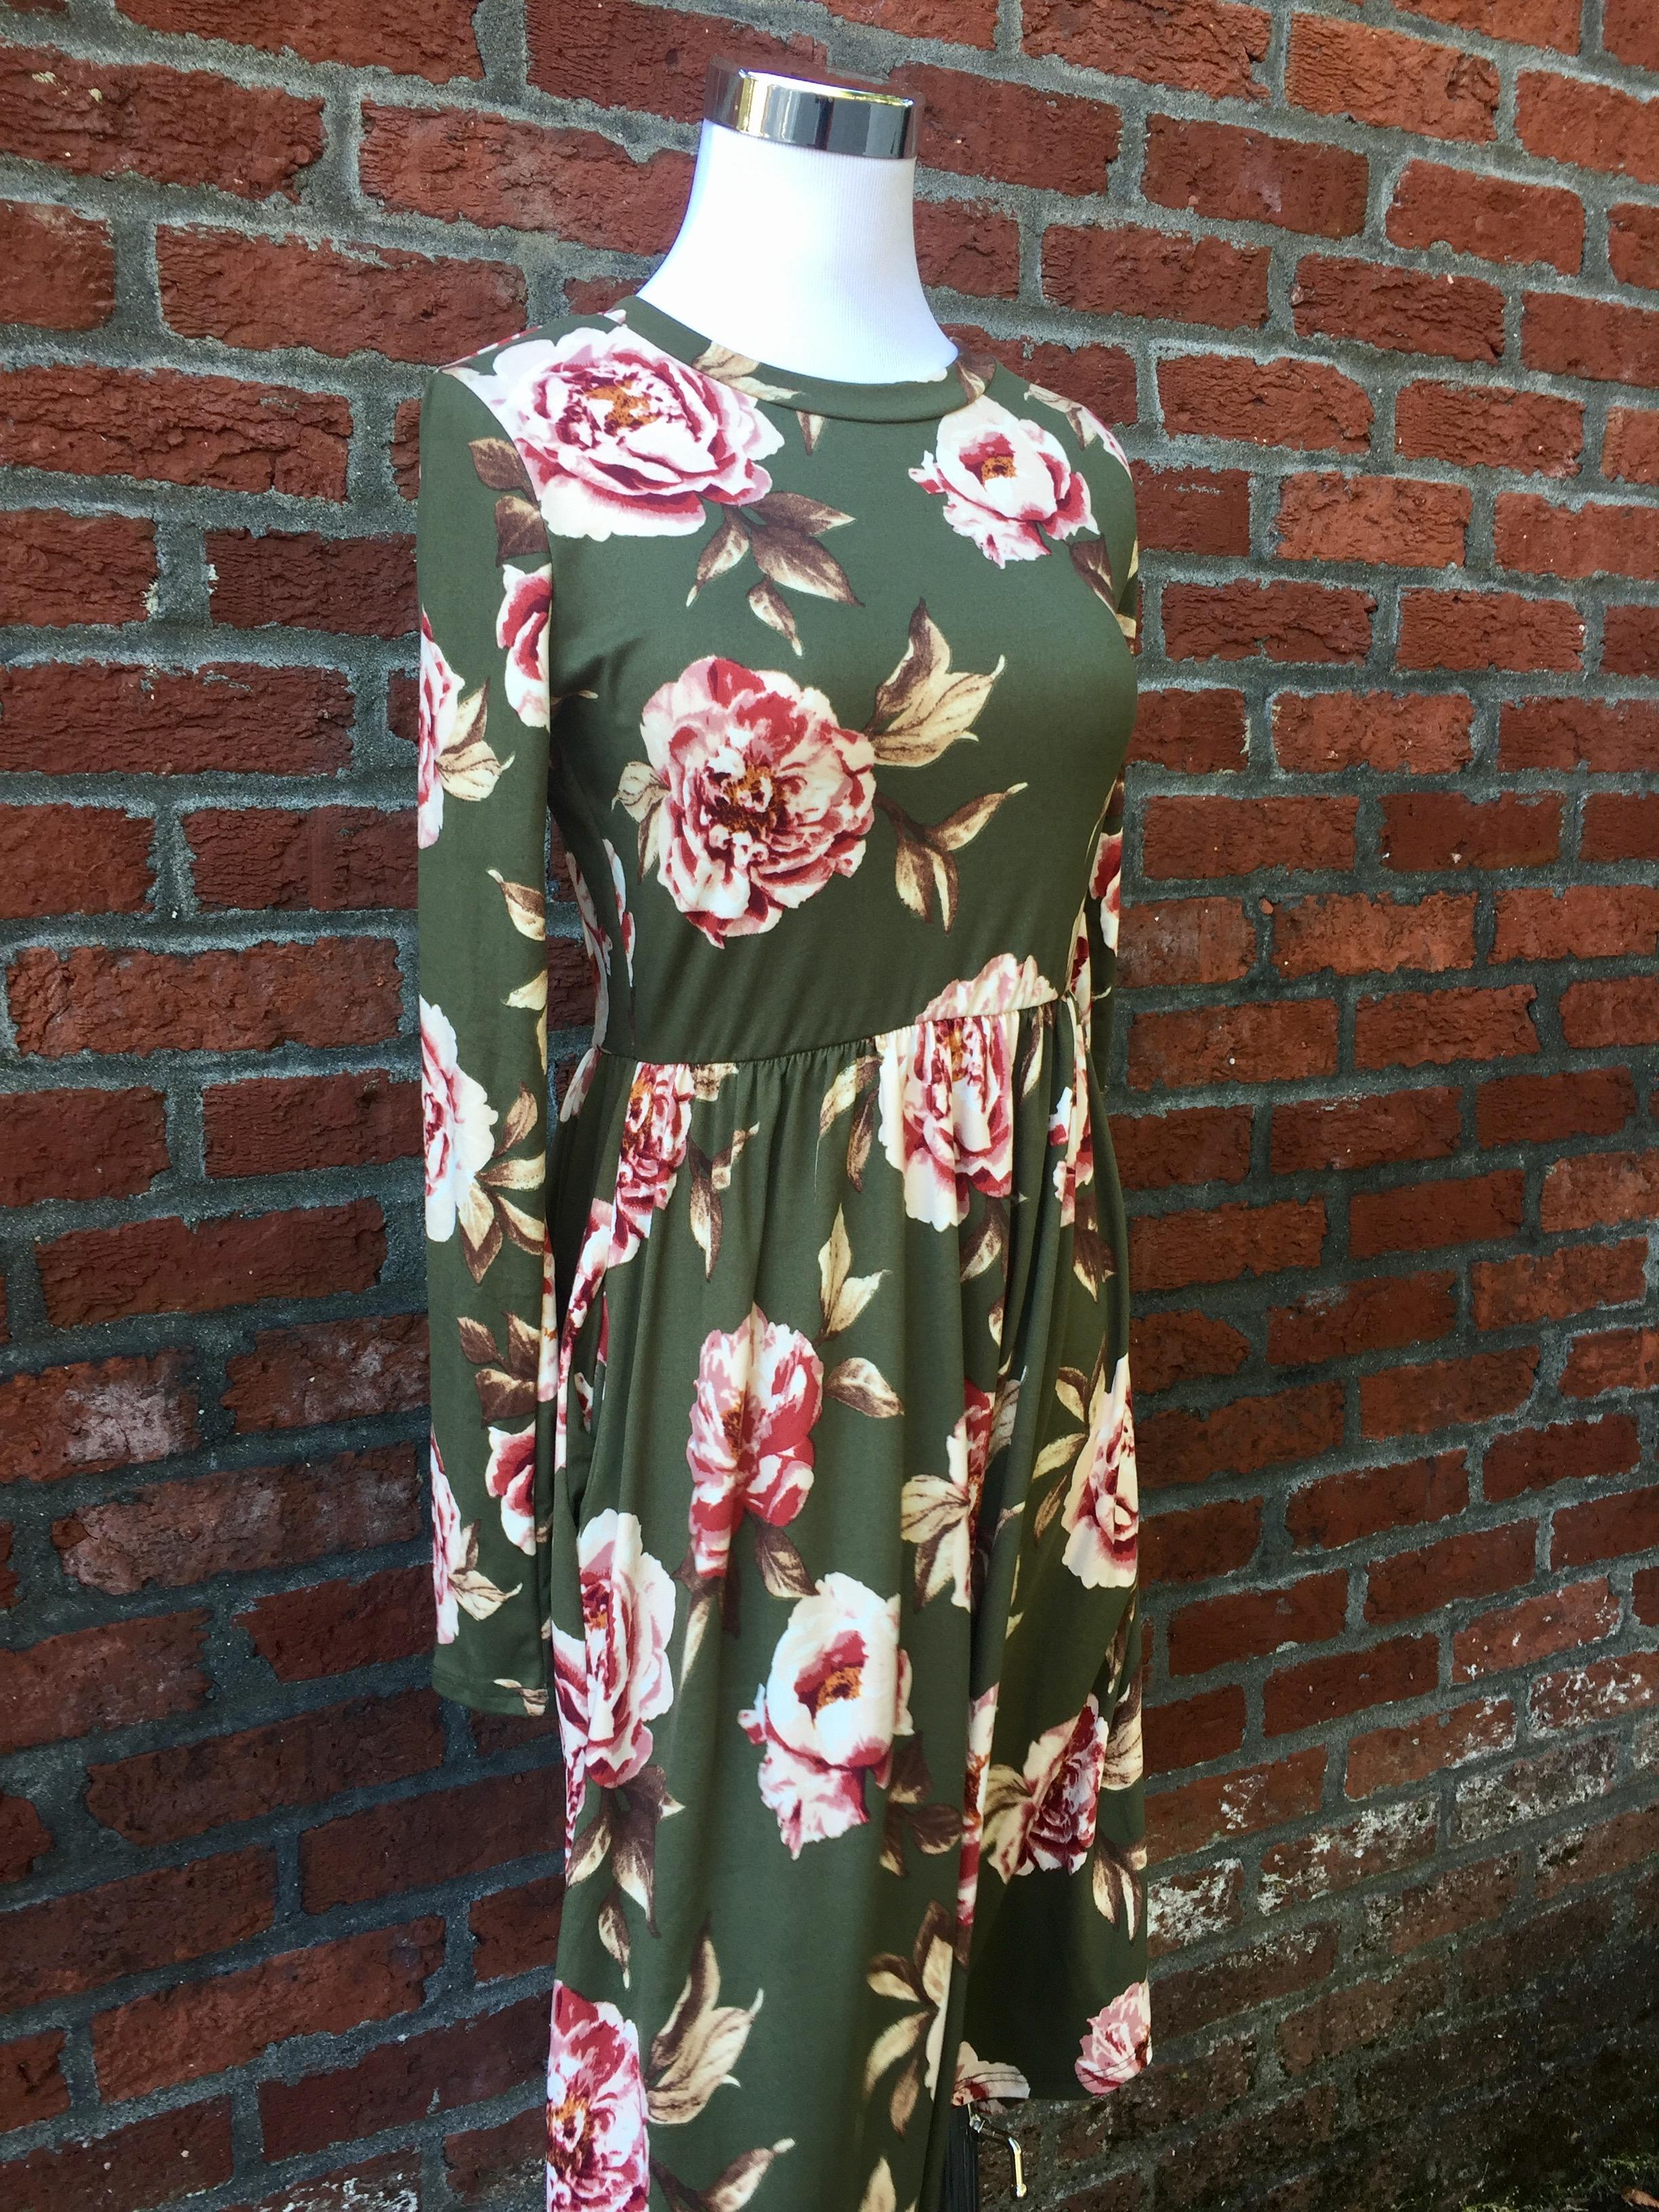 Reb & J Green Floral Dress (Also in Black, $38)